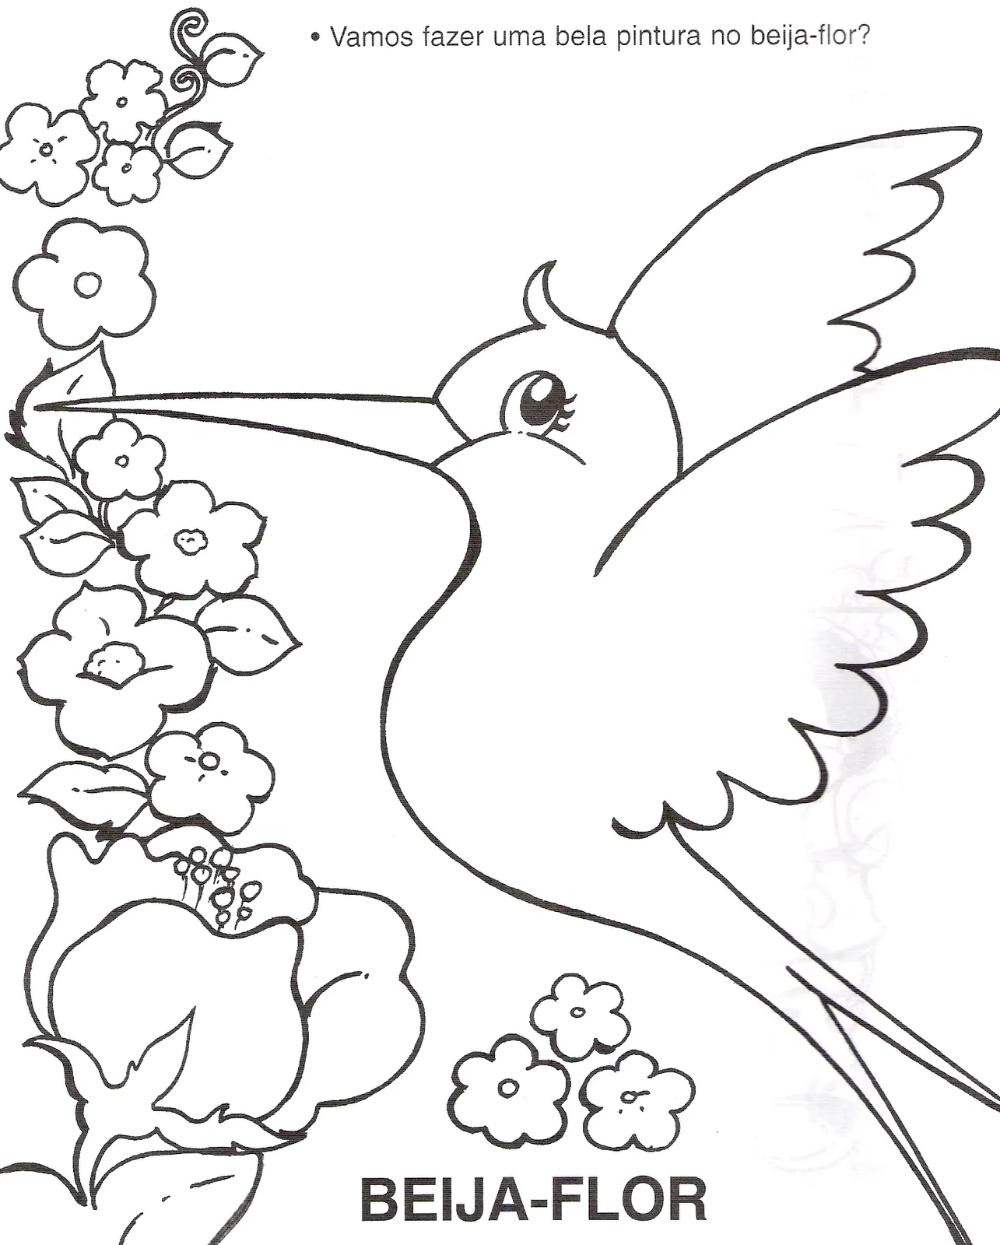 44 Atividades Com Flores Para Imprimir E Colorir Online Cursos Gratuitos Em 2020 Pintura Em Tela Flores Beija Flor Desenho Borboletas Para Colorir